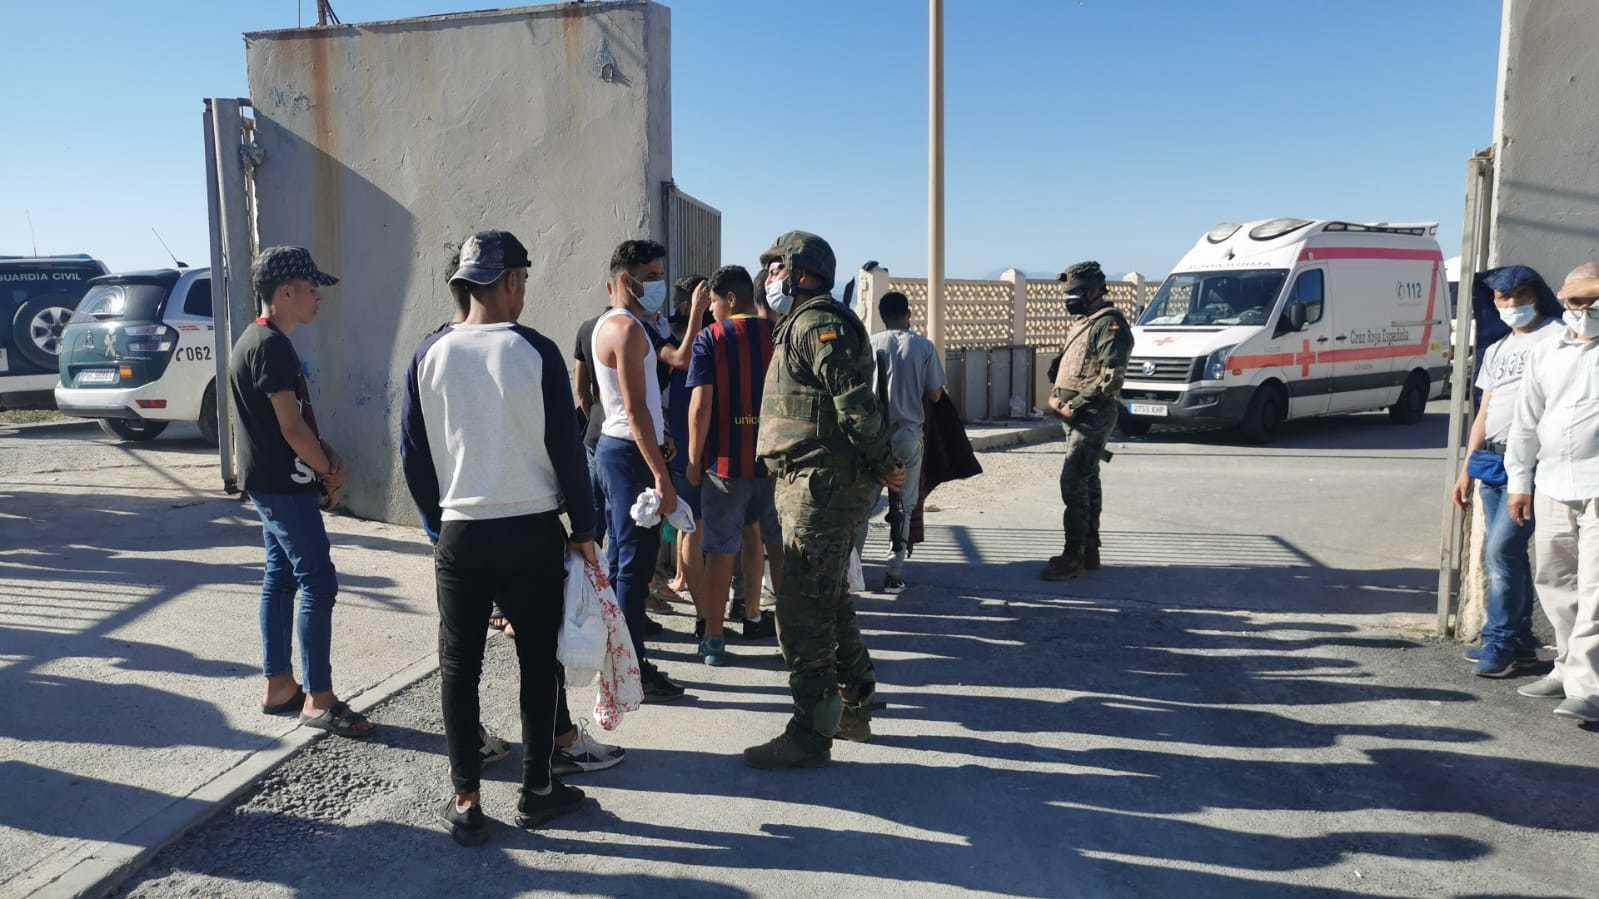 Devolución de inmigrantes a Marruecos